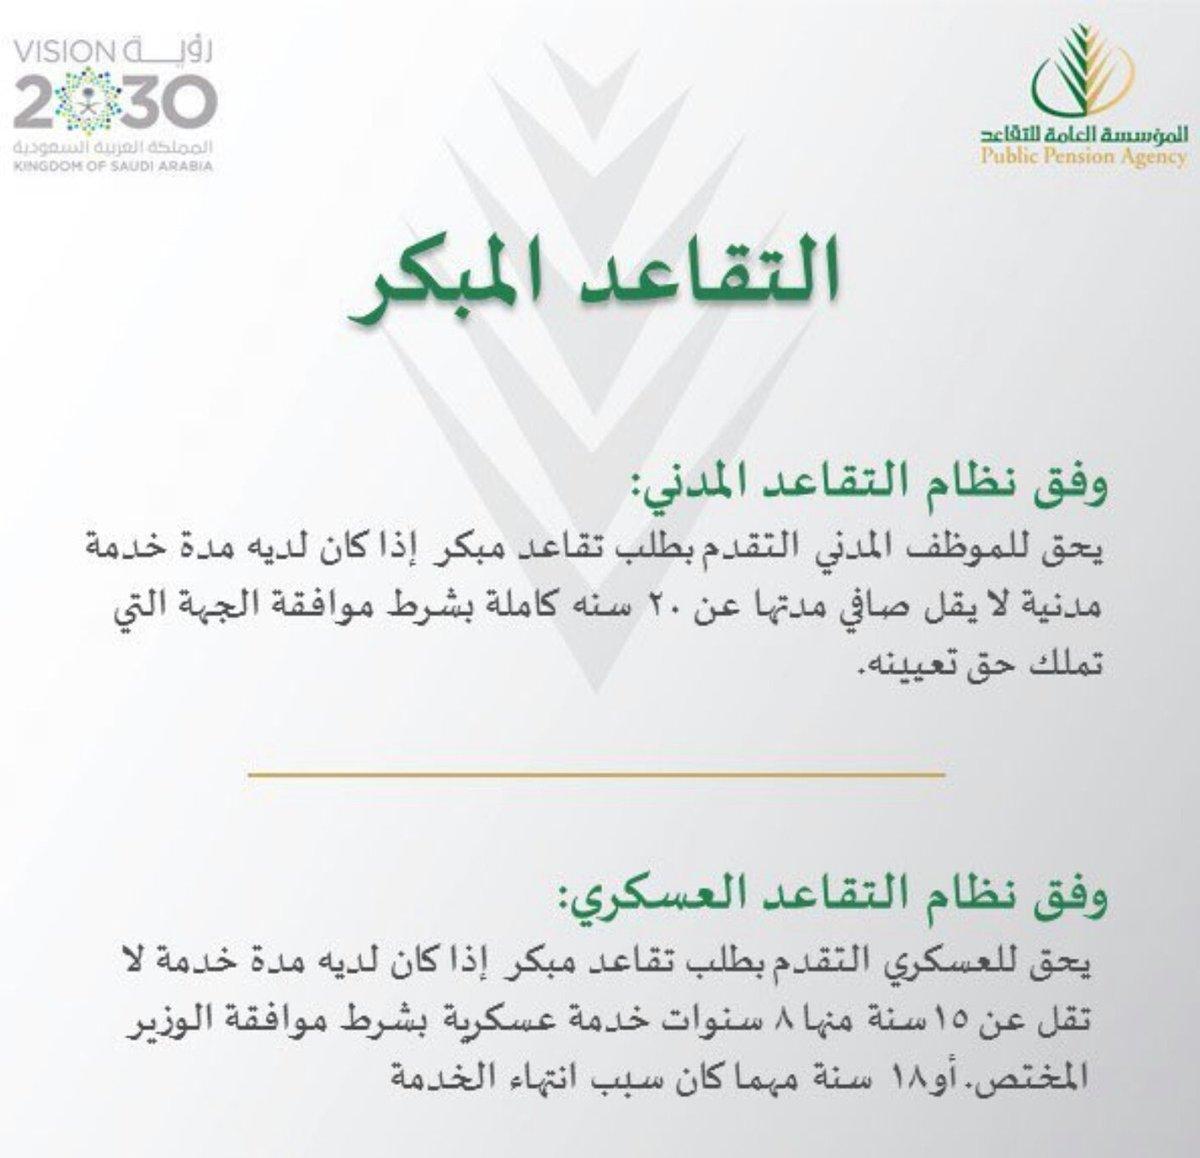 عبدالله بن محمد السنبل Twitterren نظام التقاعد المبكر و حساب المعاش التقاعدي من المؤسسة العامة للتقاعد